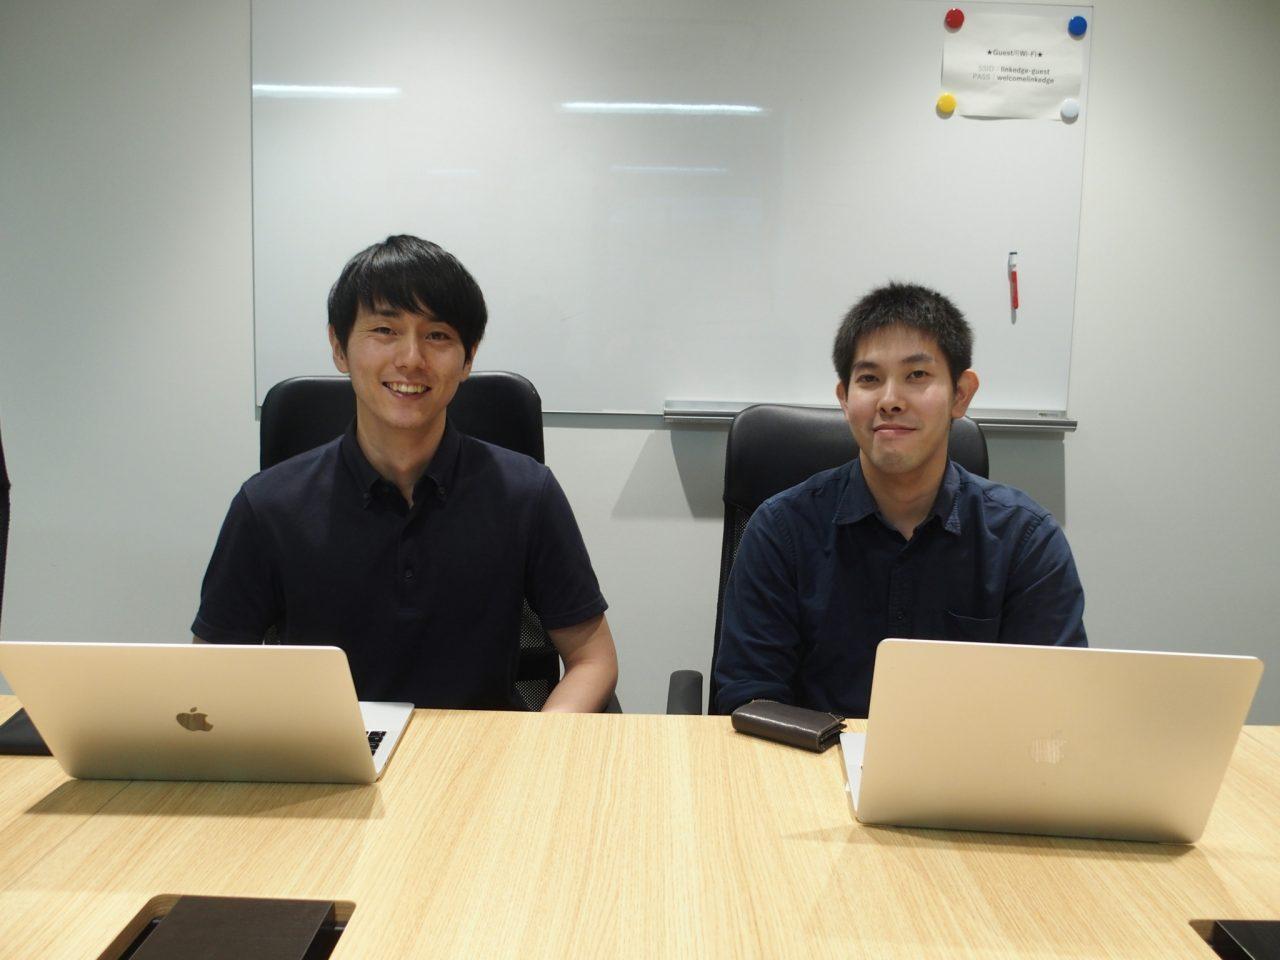 【リンクエッジ】急成長サービスを支える開発チームの現在と未来